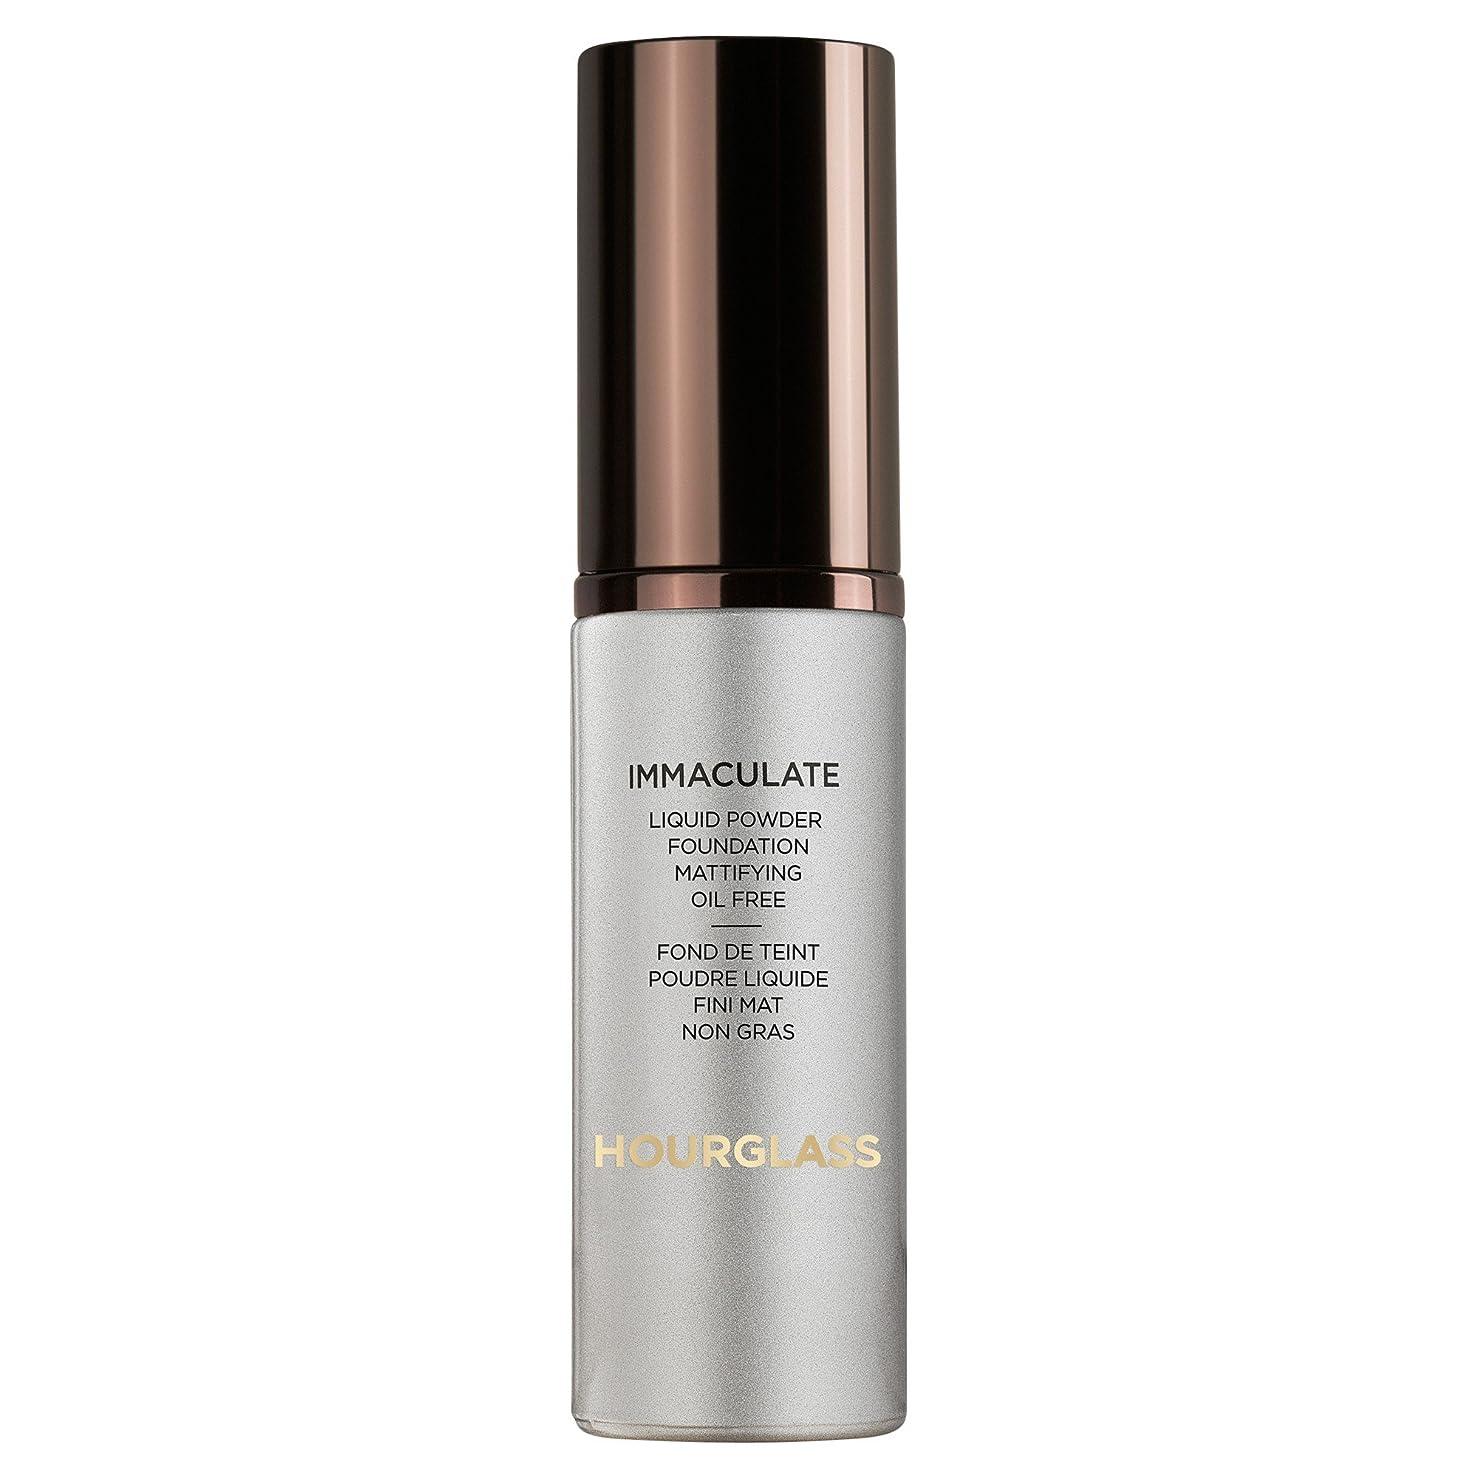 グラフィック調和テンション黄金の砂時計真っ白な液体パウダーファンデーション (Hourglass) (x2) - Hourglass Immaculate Liquid Powder Foundation Golden (Pack of 2) [並行輸入品]